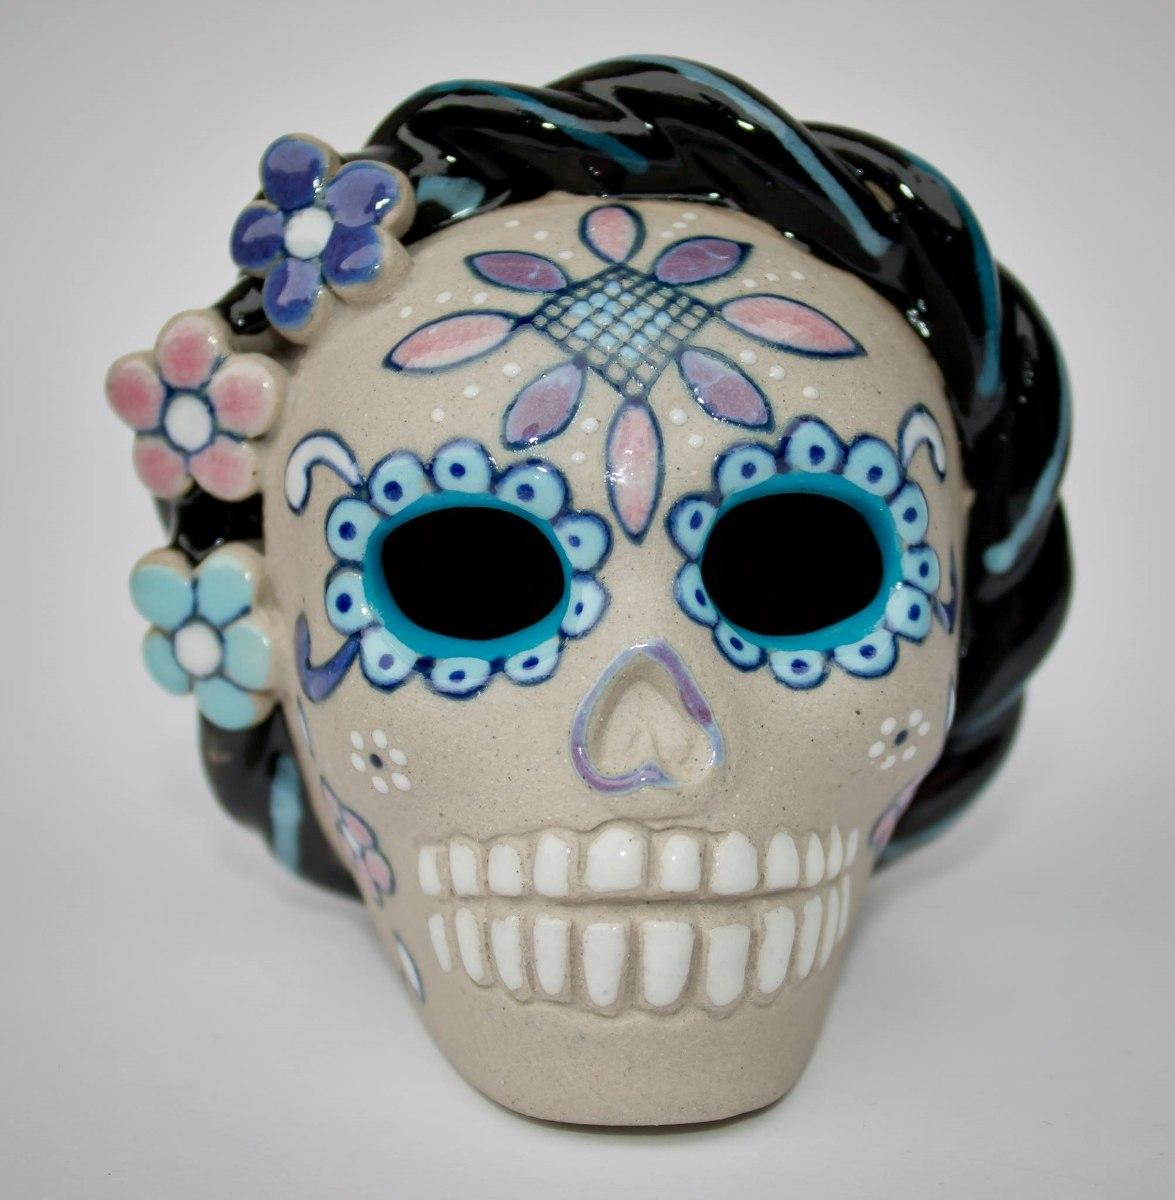 Calavera de ceramica frida kahlo en mercado libre - Como pintar azulejos a mano ...